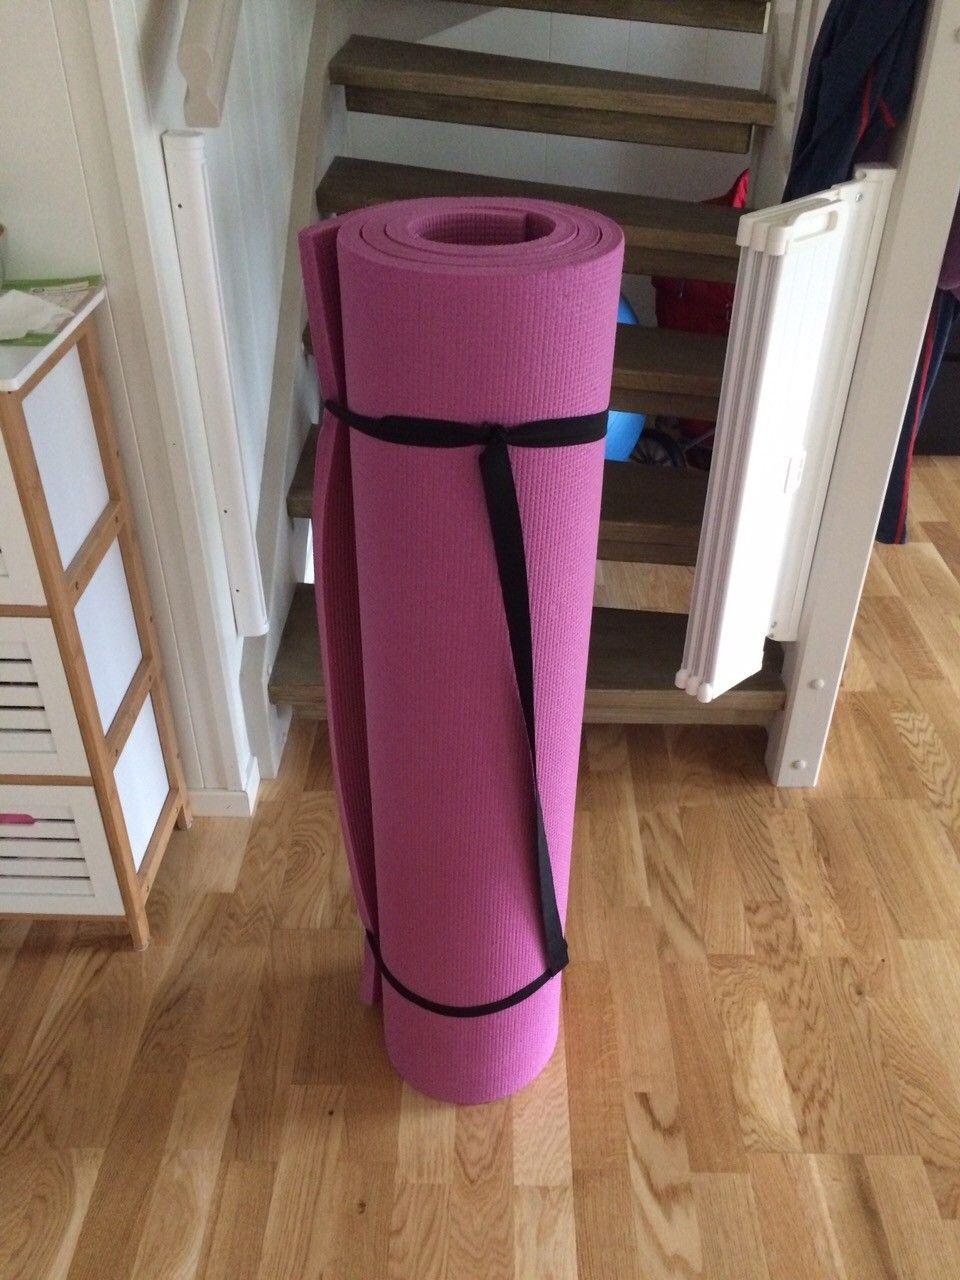 Lekematte - Skien  - Brukt lekematte fra barn og utstyr. Noe rifter, ingen hull. Ca 2 cm tykk. Ca 102x 180 cm.    - Skien